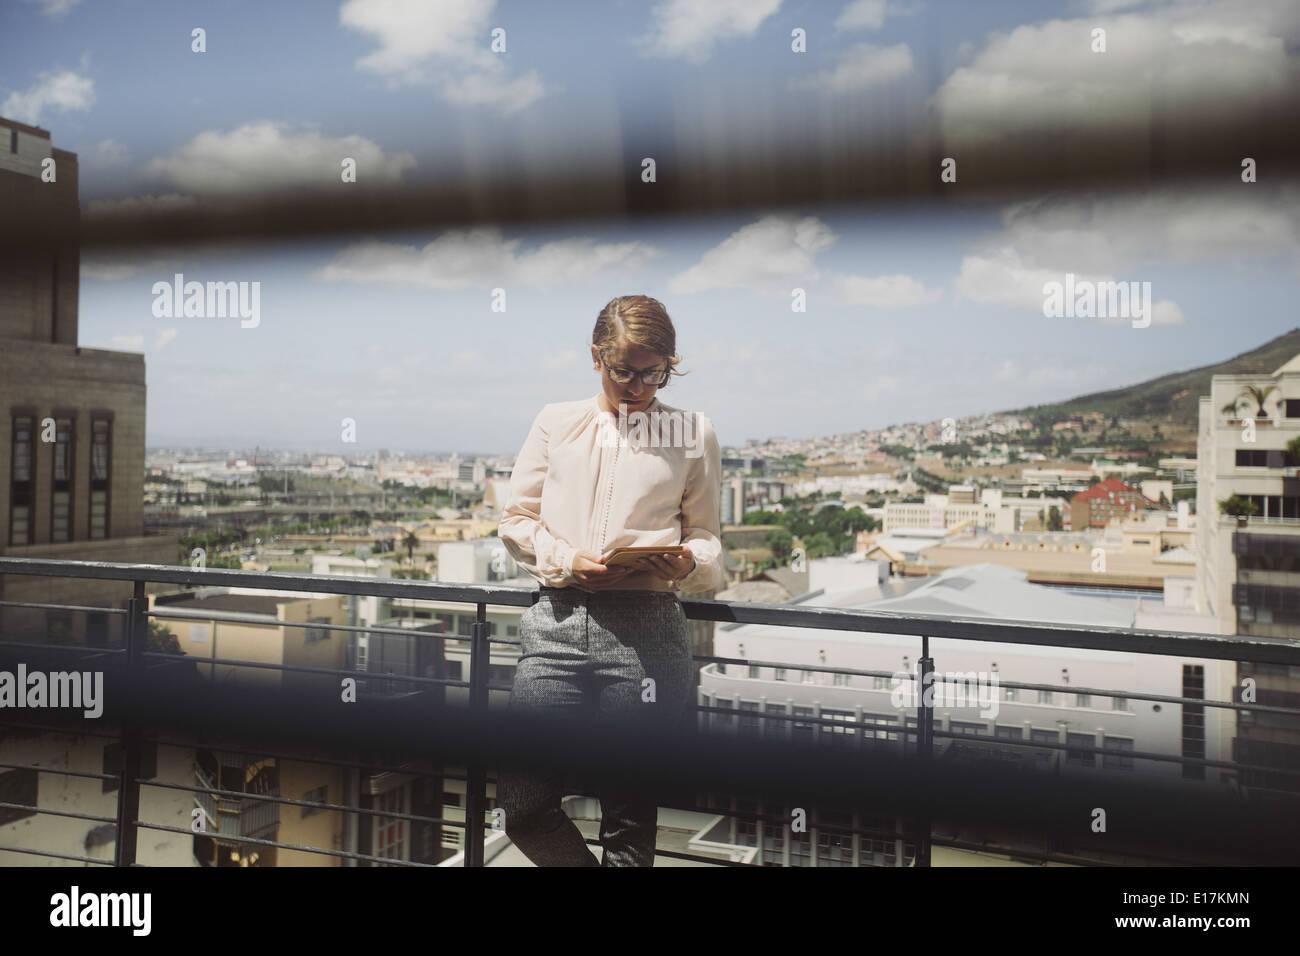 Bild durch Fenster Jalousien von einer jungen Frau, die mit digital-Tablette auf einen Balkon mit Blick auf Stadt Stockbild